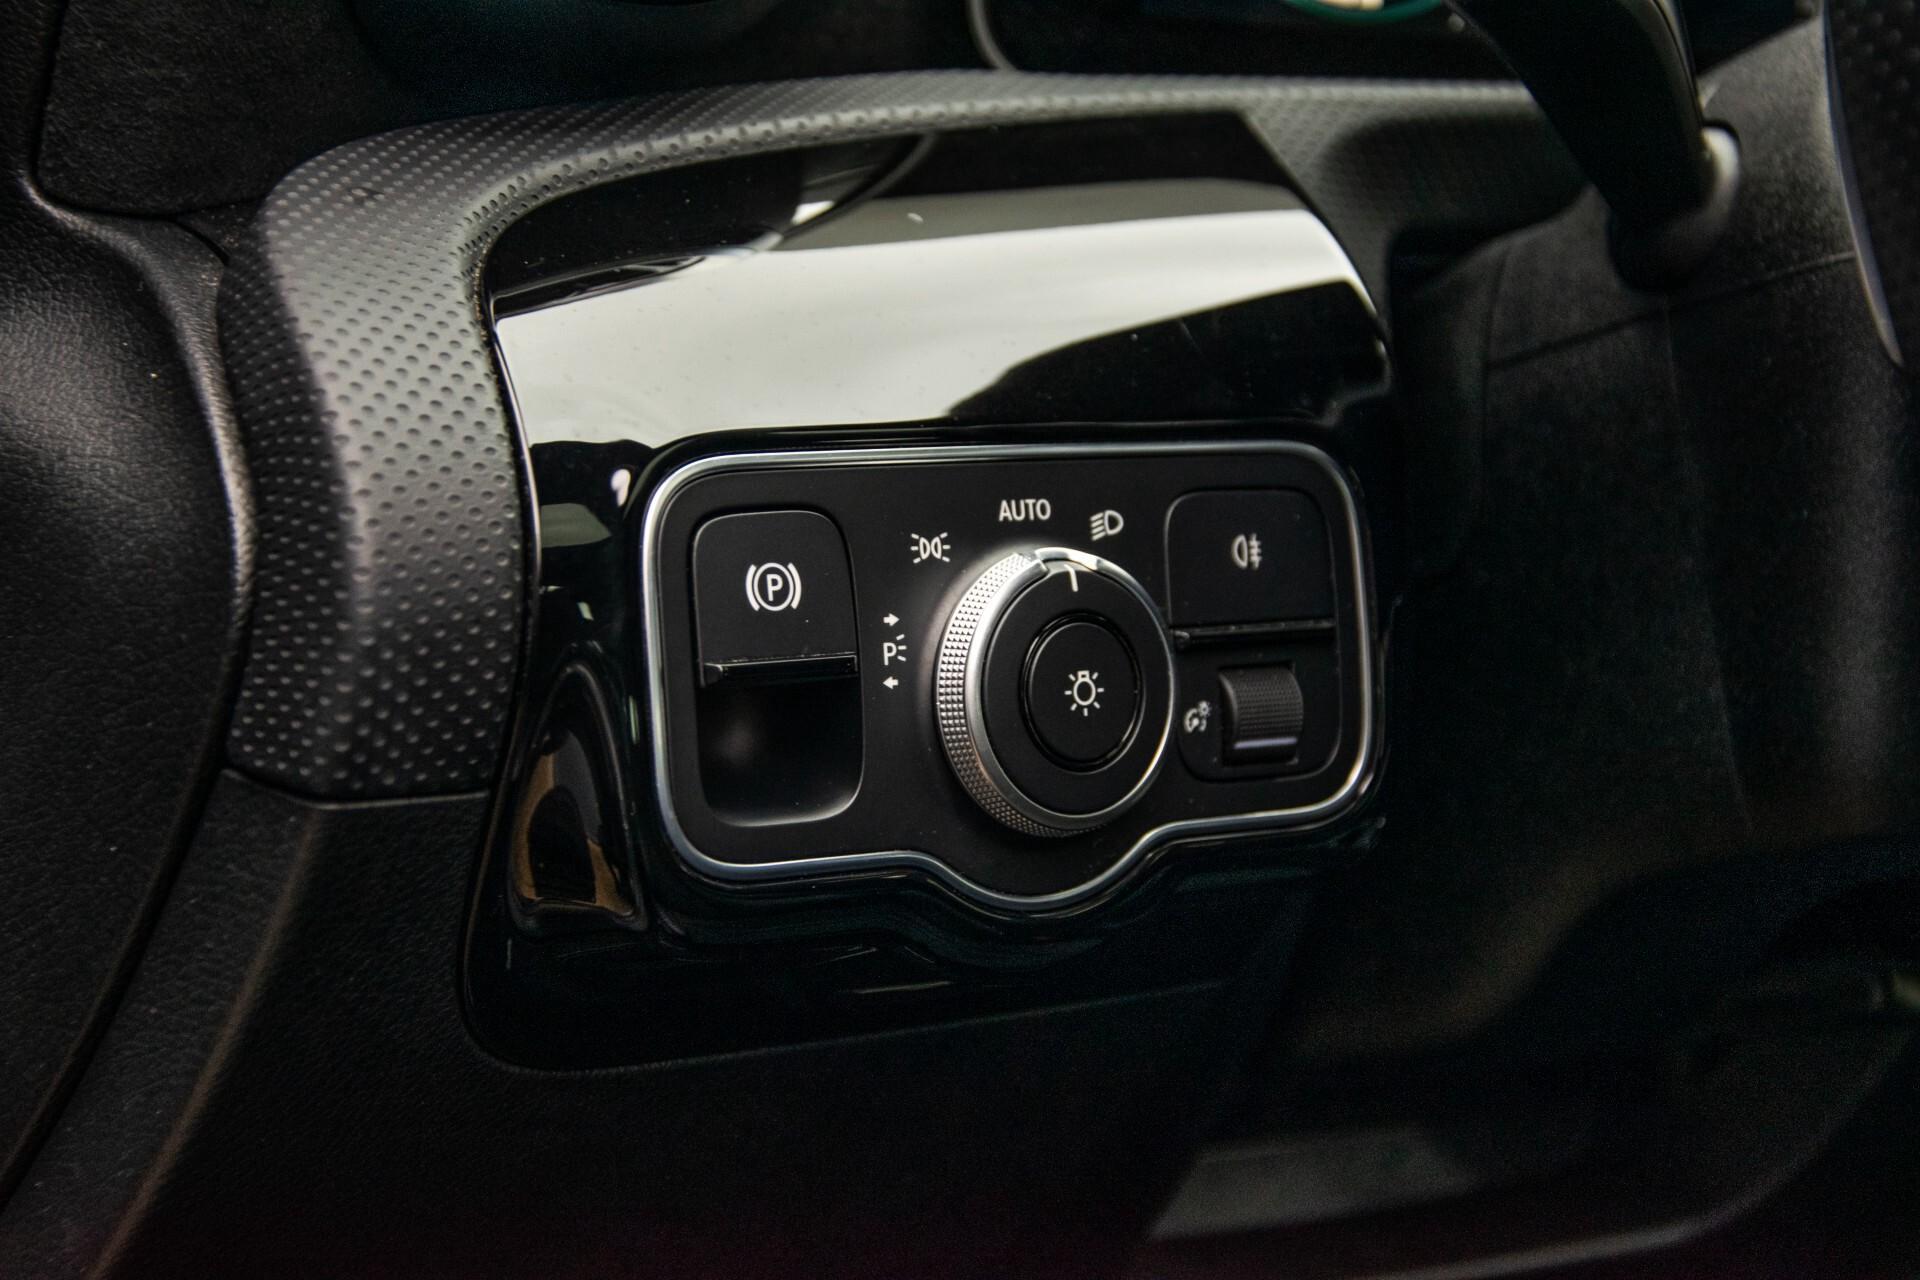 Mercedes-Benz A-Klasse 180 d AMG Panorama/MBUX/DAB/LED Aut7 Foto 32